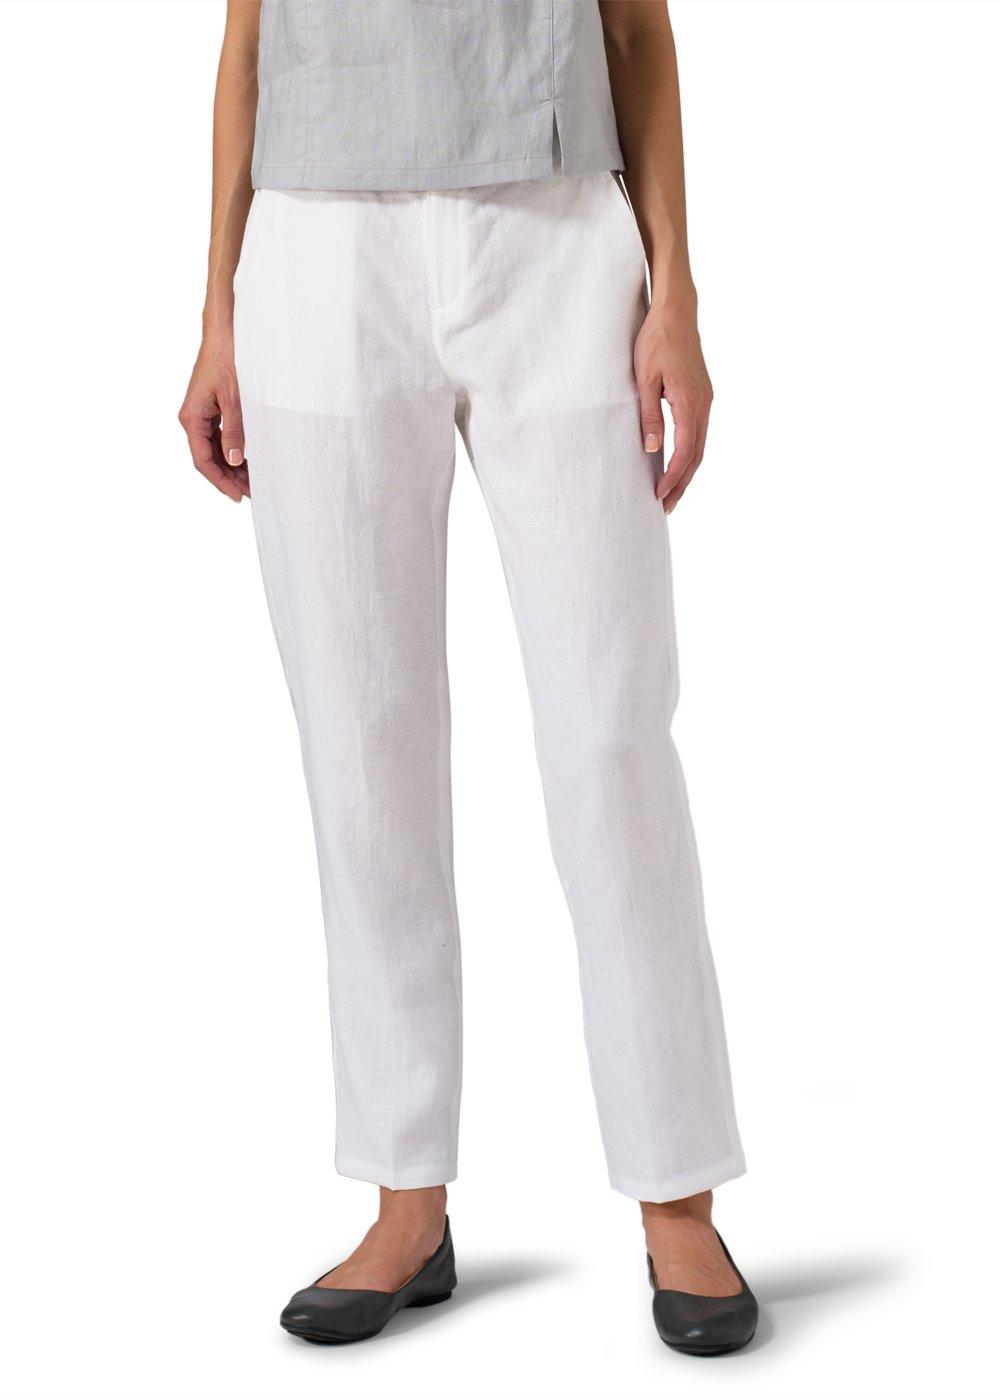 Vivid Linen Slim Ankle Pants-L-Soft White